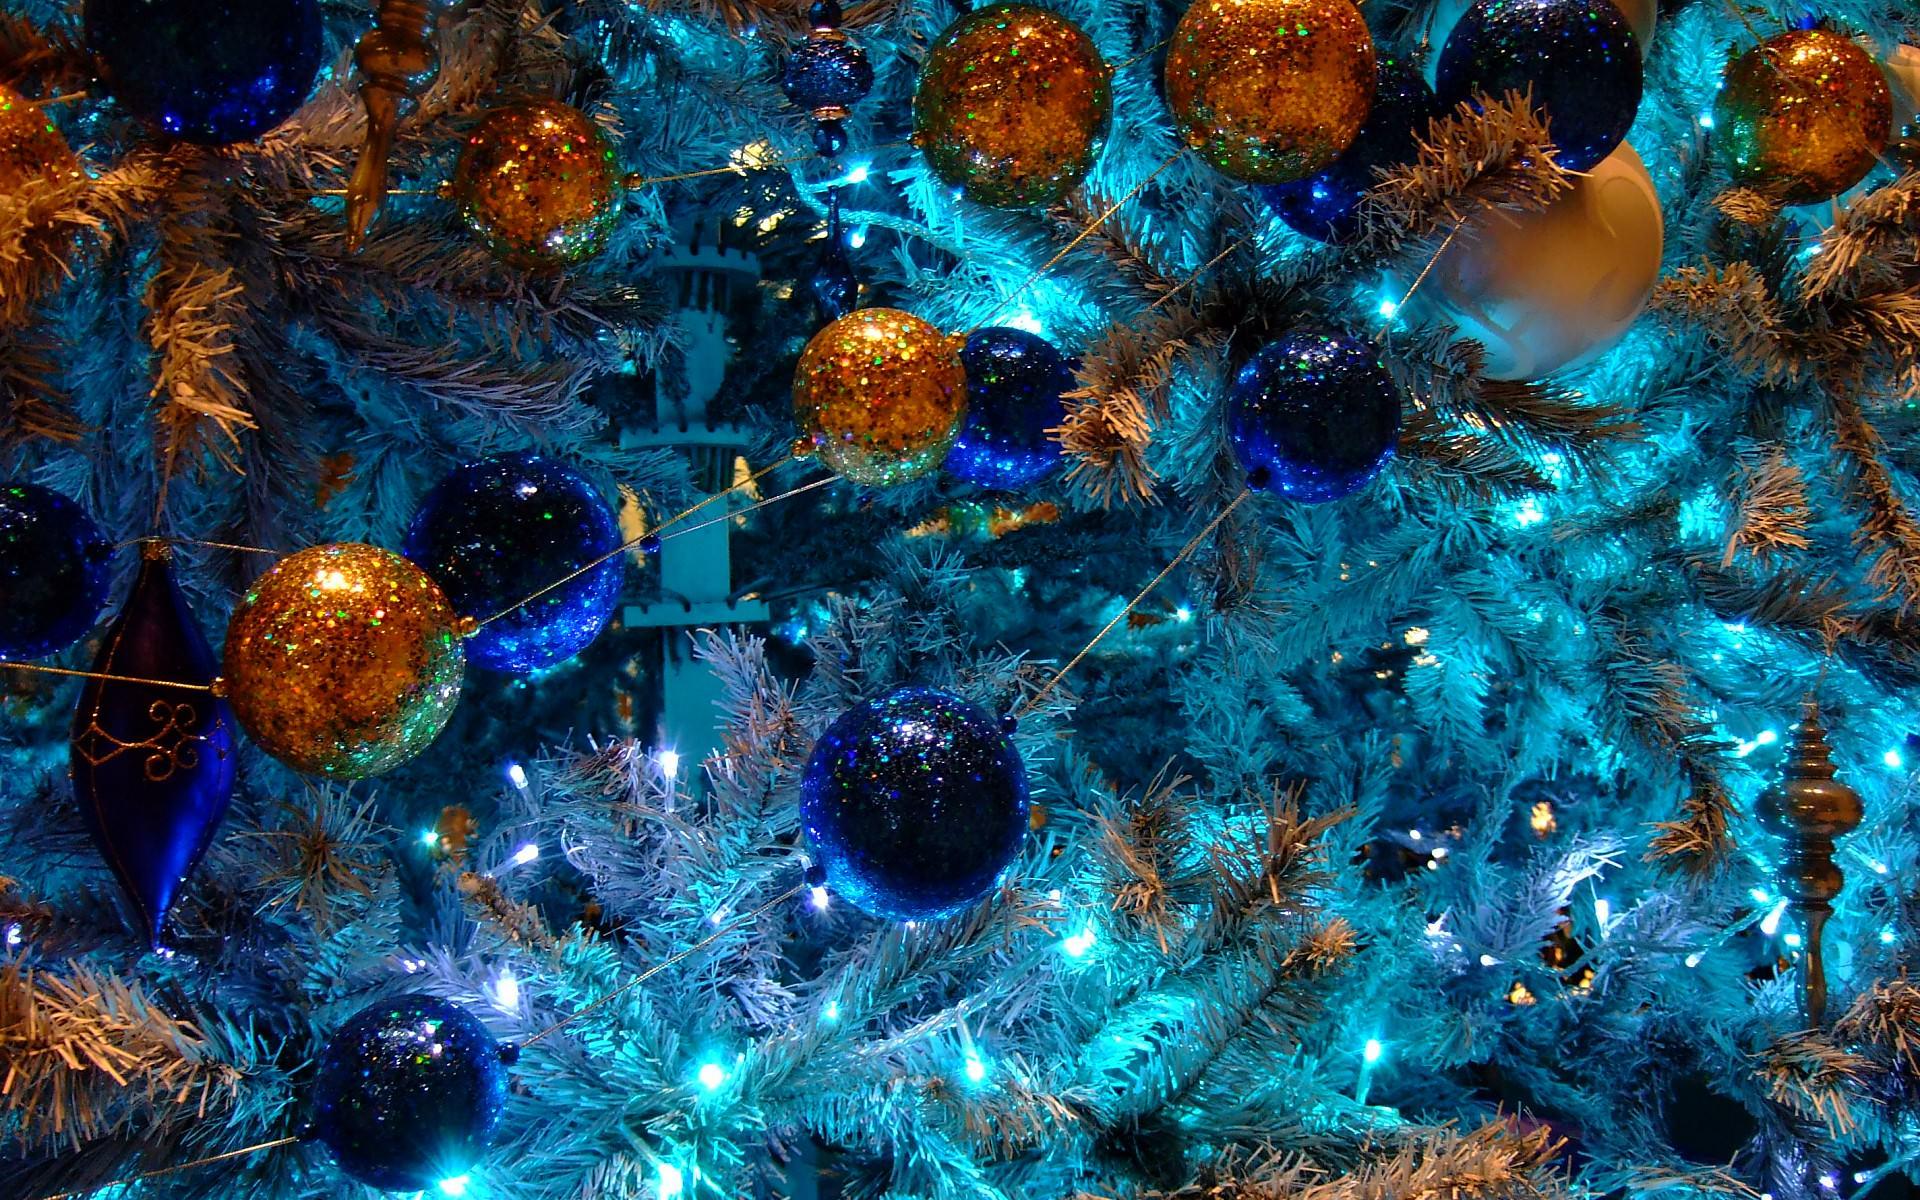 クリスマスの壁紙 19 10 1 スマホ Pc用壁紙 Wallpaper Box